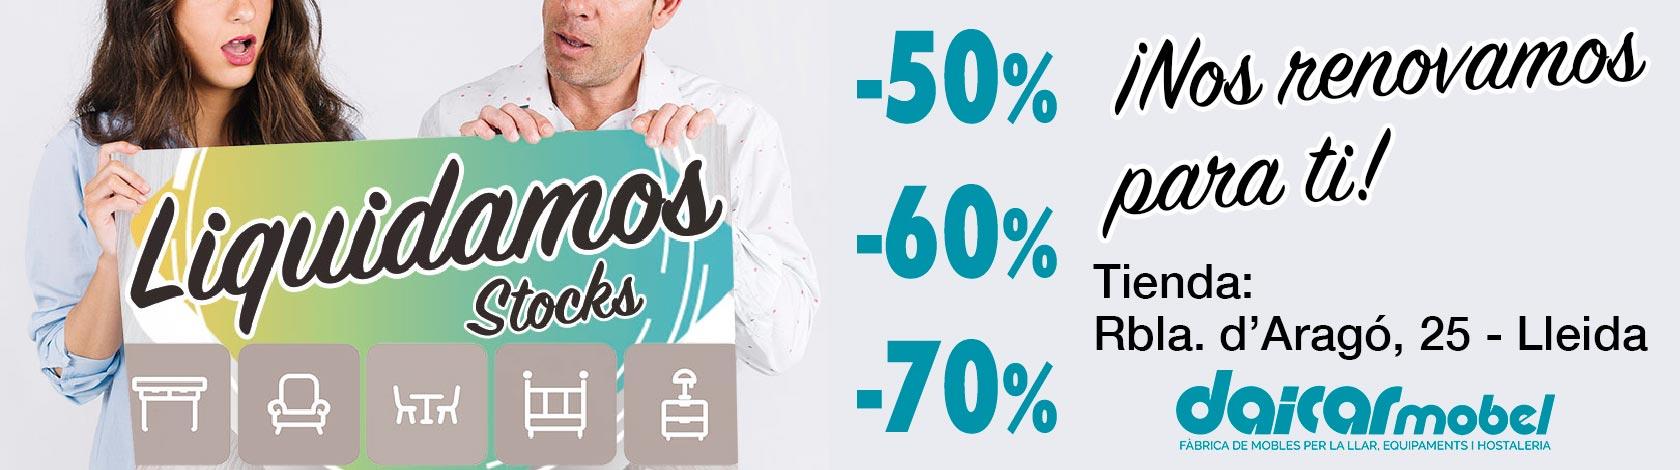 Liquidación Stocks por Renovación Tienda: Rbla. Aragó Lleida